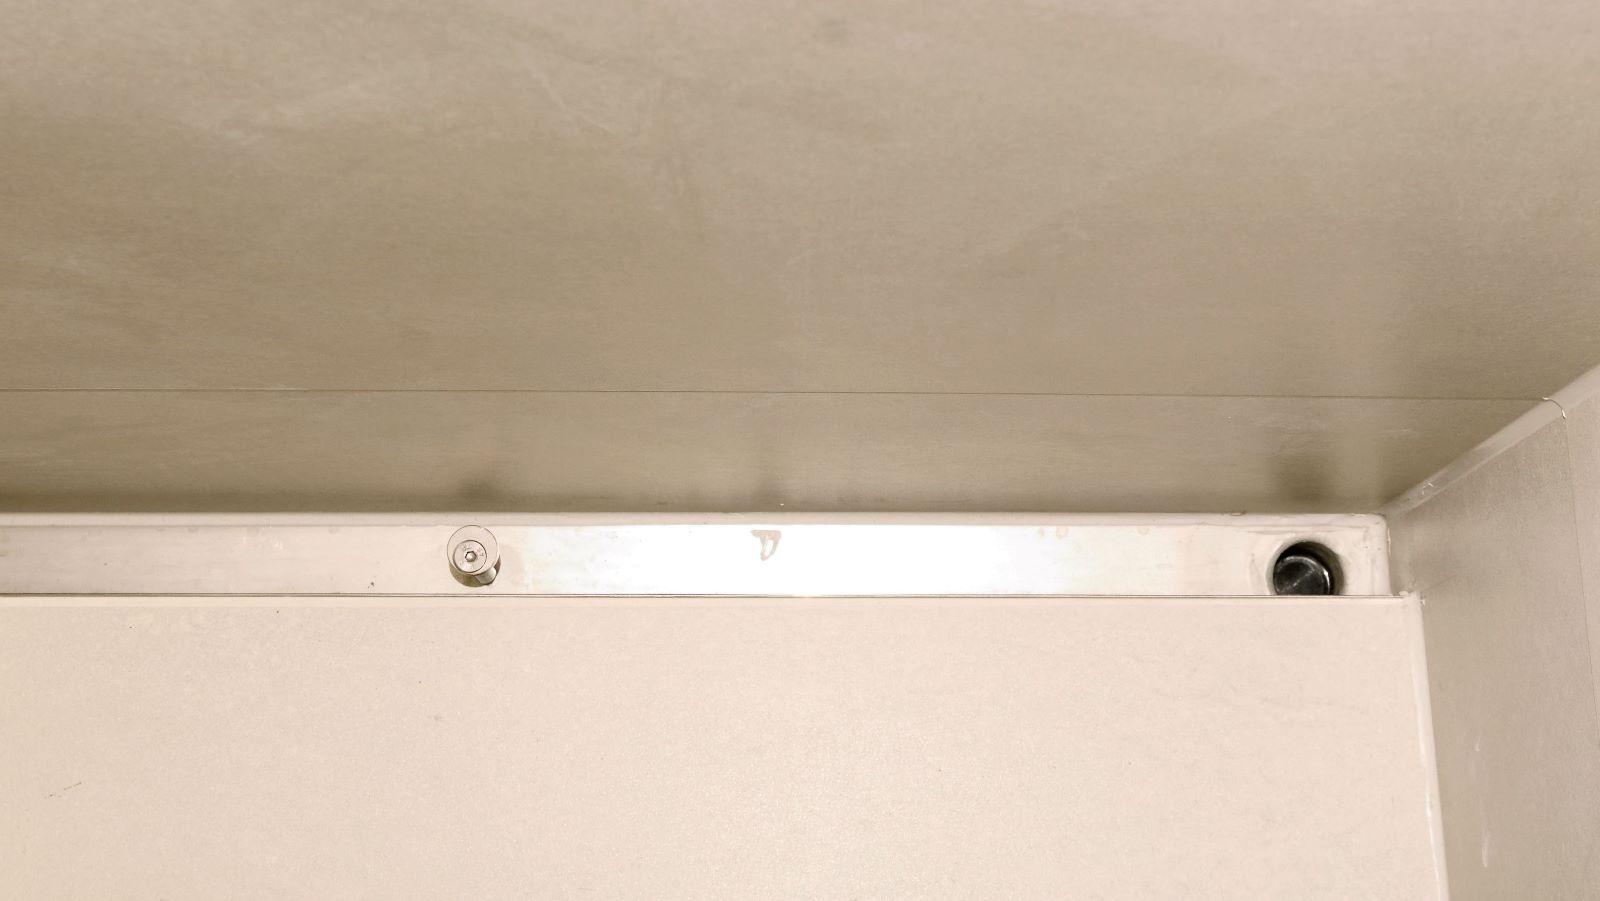 Die abgebildete, barrierefreie walk-in-dusche im sanitaerbereich hat eine wandbuendig montierte v4a edelstahl-duschrinne pro mit seitlichem ablauf zur linienentwaesserung. Cm-genau massgefertigt bis 600 cm laenge laesst sich die duschrinne pro hier ideal einbauen. Die sehr hohe ablaufleistung, einfache montage, sichere abdichtung und einfache verlegung auch von xxl-fliesen machen die duschrinne pro zur ersten wahl als ebenerdigen bodenablauf fuer bodengleiche duschen in sanitaerraeumen. Einfache pflege der unempfindlichen duschrinne pro sowie hygienische reinigung ohne werkzeug und ohne haarsieb ergaenzen die praktischen vorteile der duschrinne pro als duschablauf im sanitaerbereich.